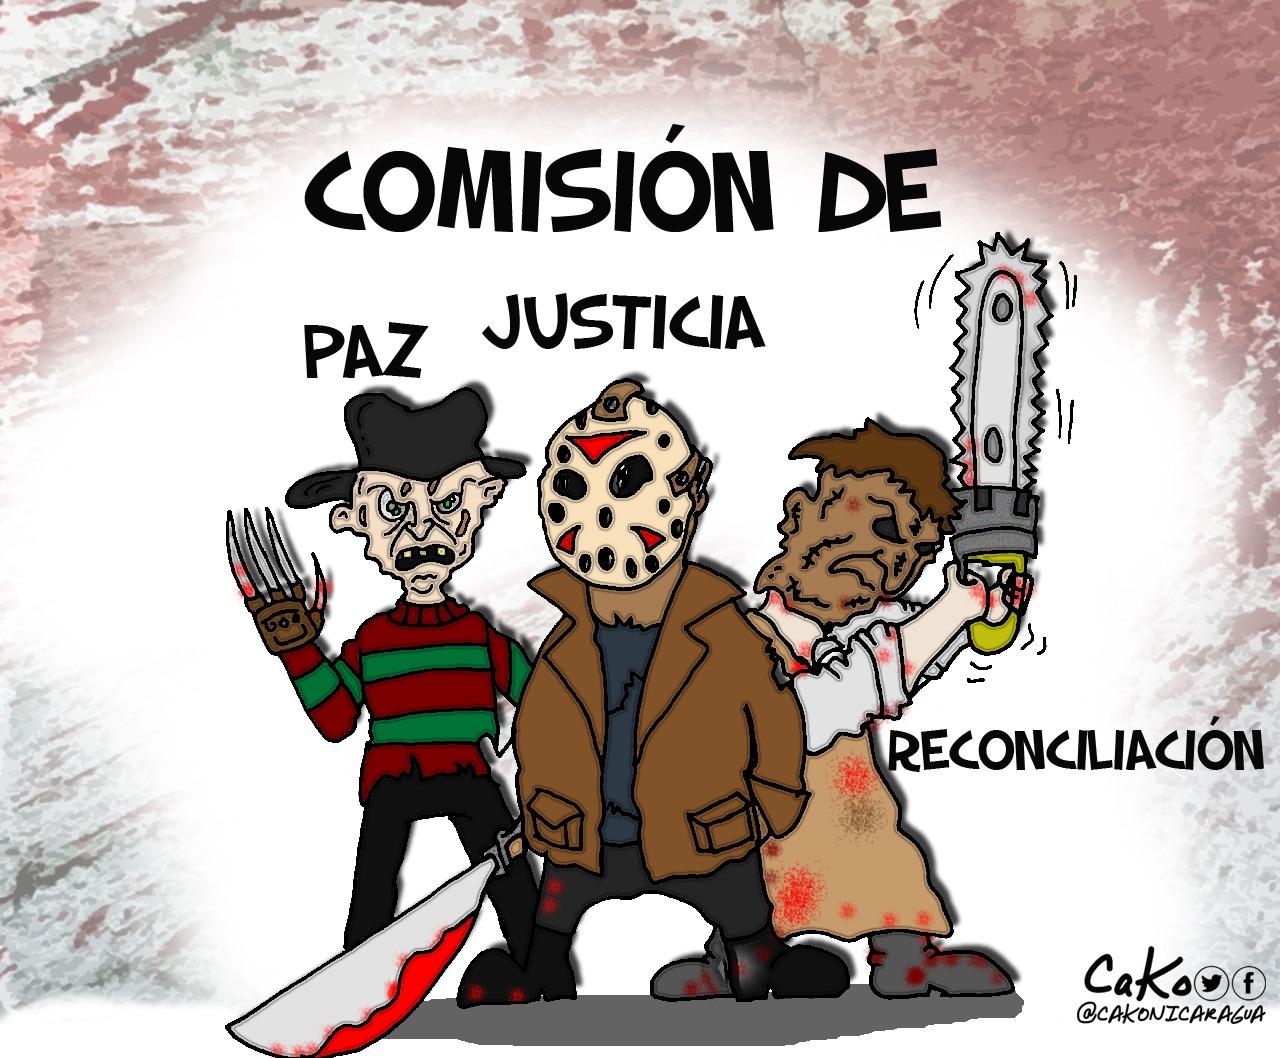 La Caricatura: La amorosa paz, justicia y reconciliación orteguista